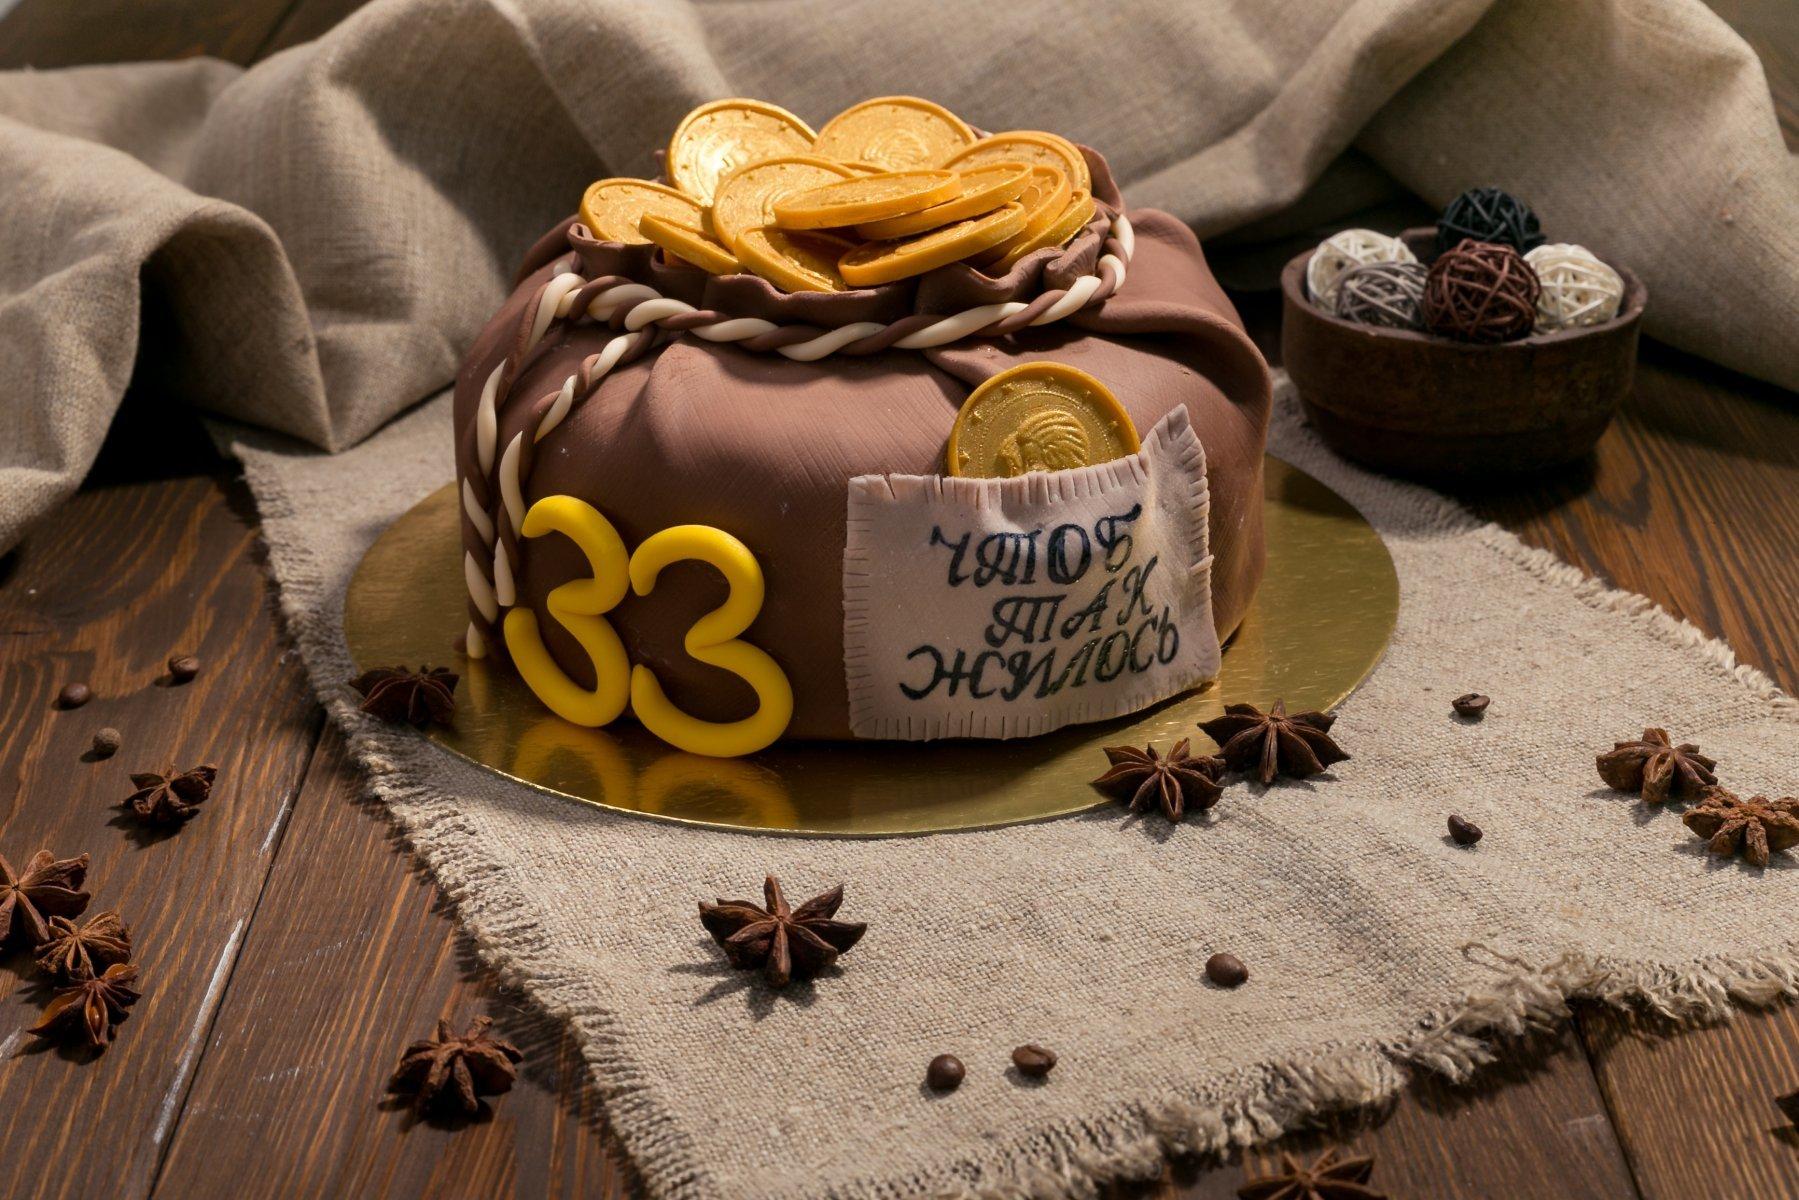 Смешные поздравления с днем рождения в 33 года